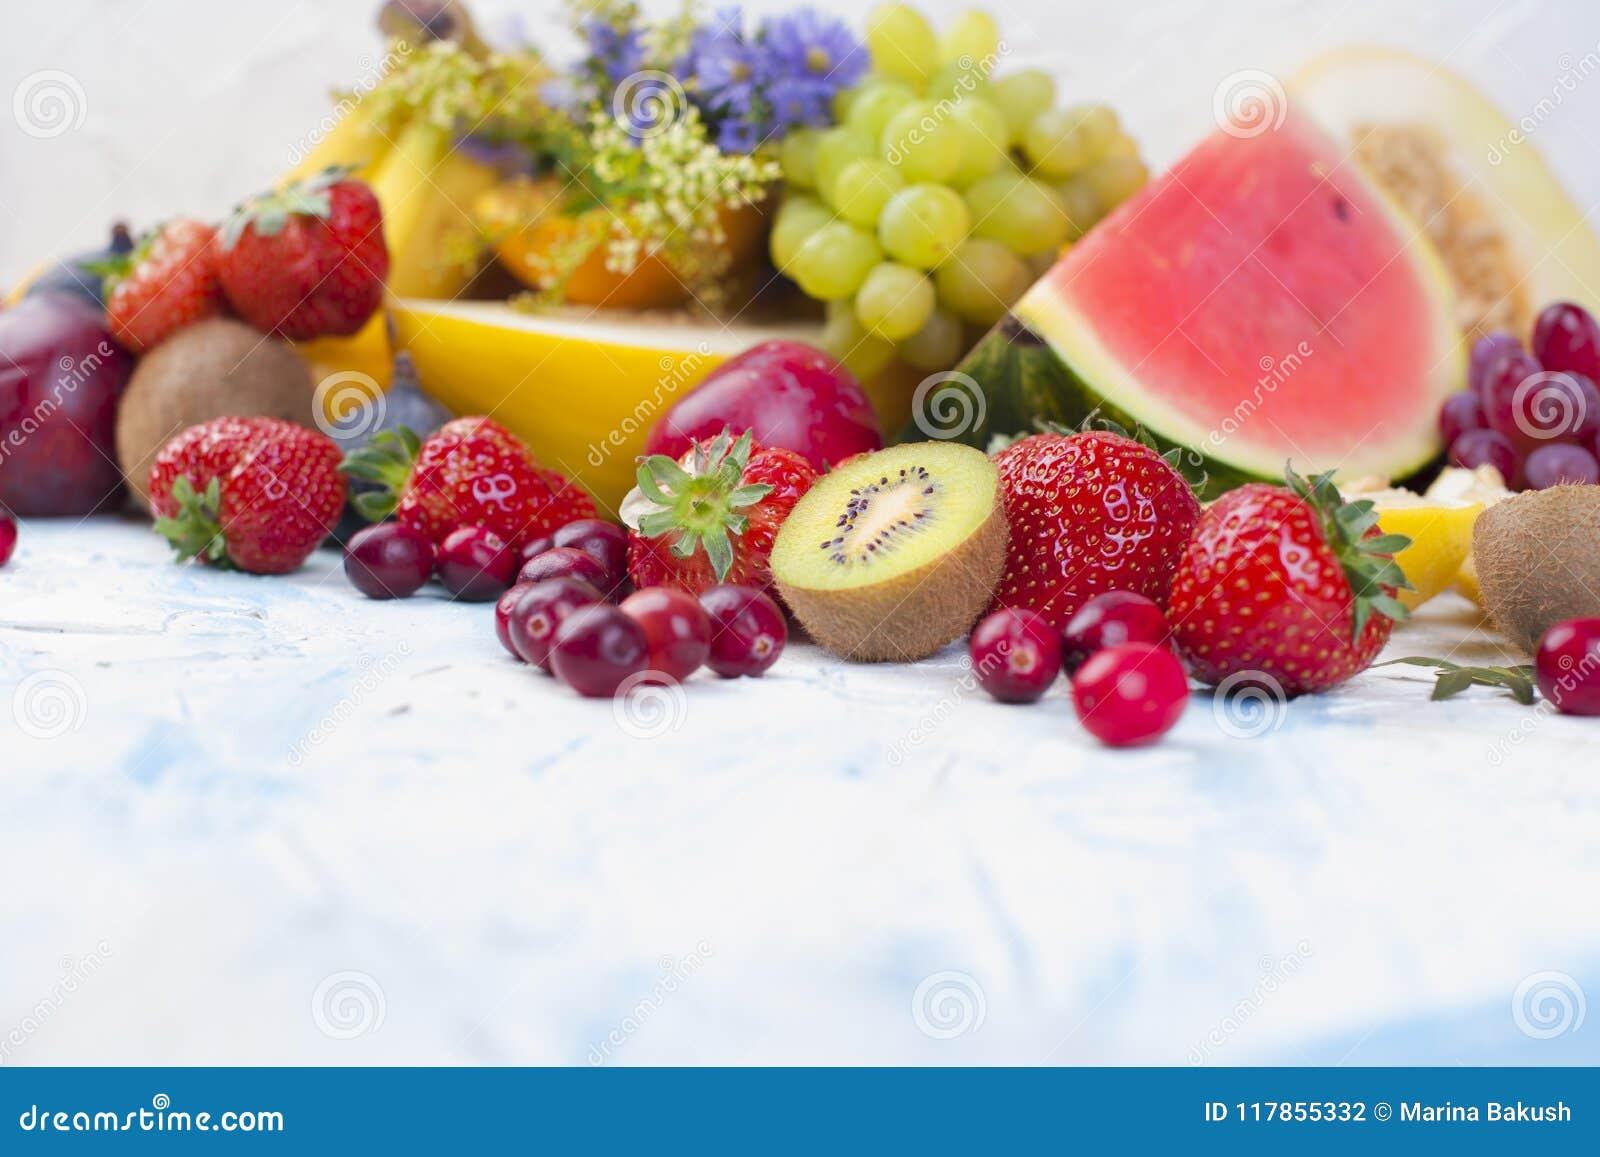 Exotische tropische vruchten op witte achtergrond, gezond voedsel, vegetarisch dieet De ruimte van het exemplaar